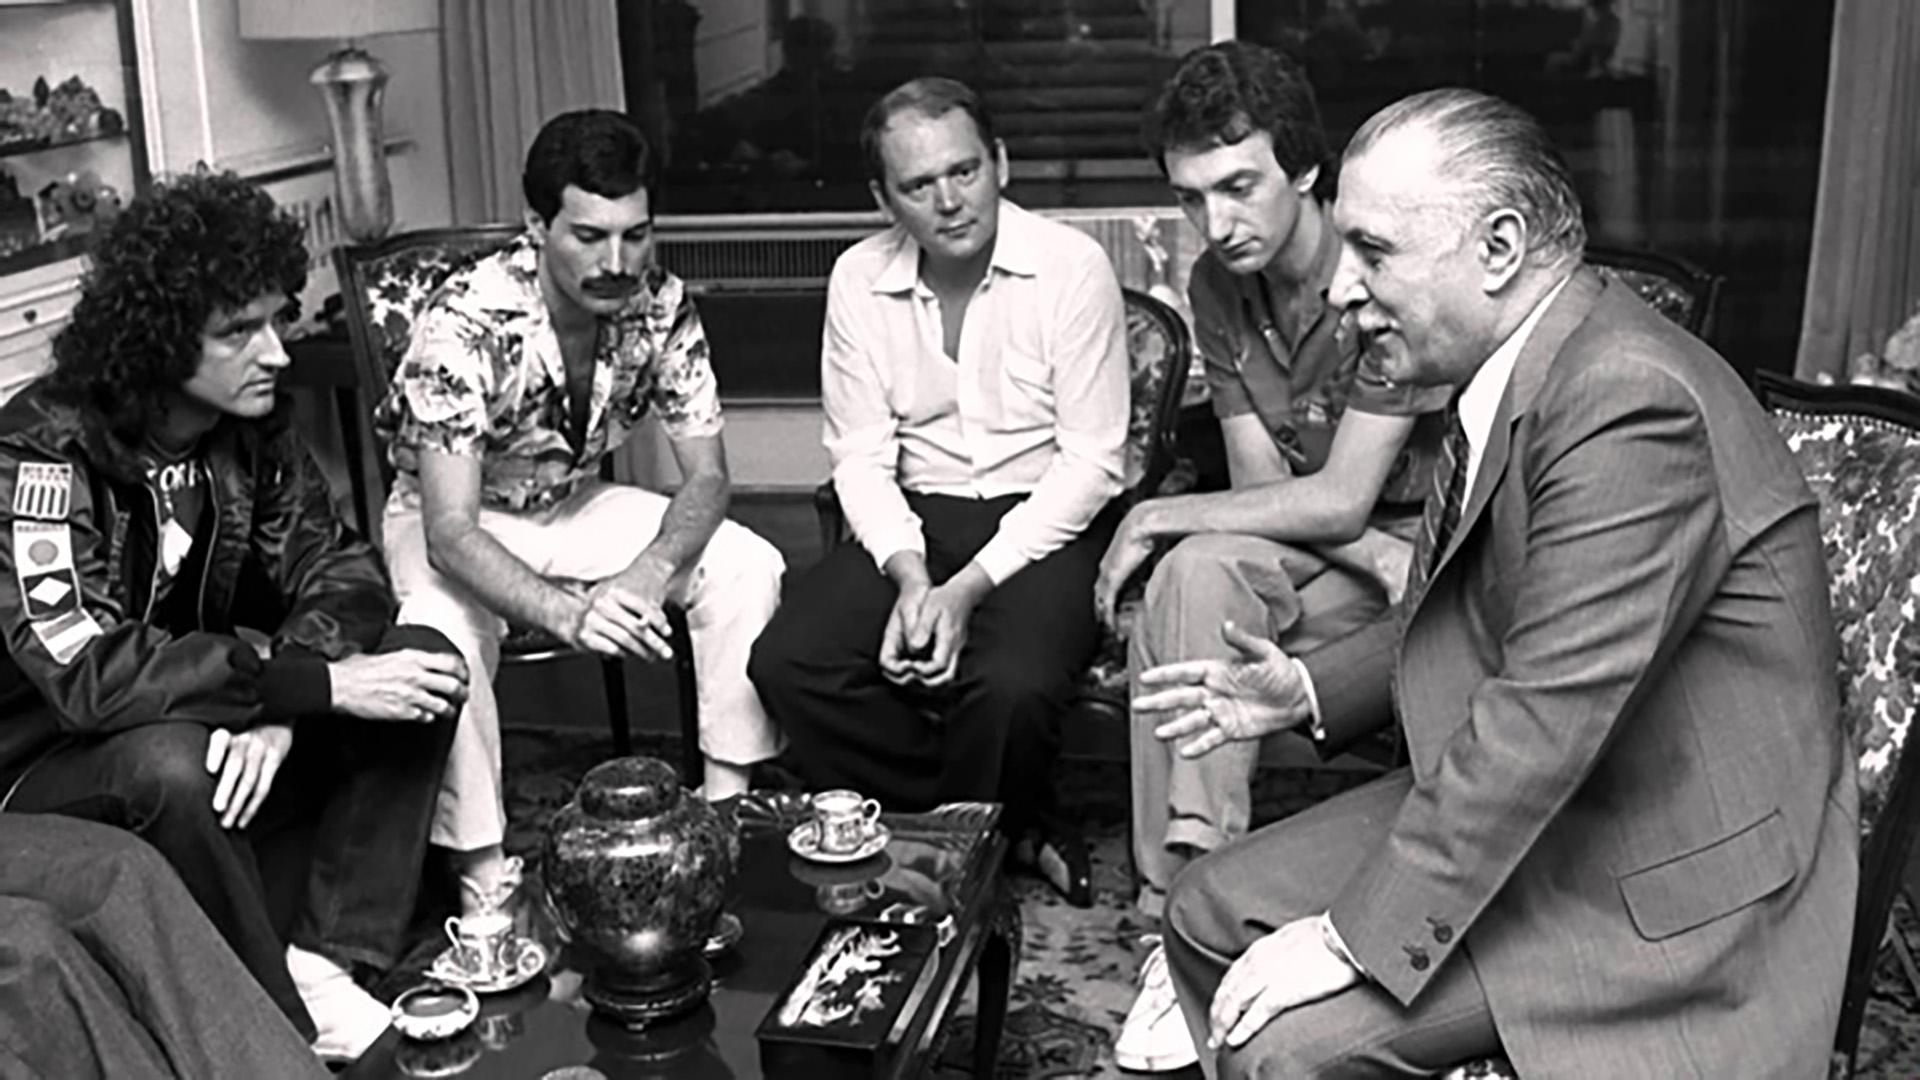 Los agitados días de Queen en la Argentina: secretos detrás de los shows,  el encuentro con Maradona y un desengaño amoroso para Freddie Mercury -  Infobae